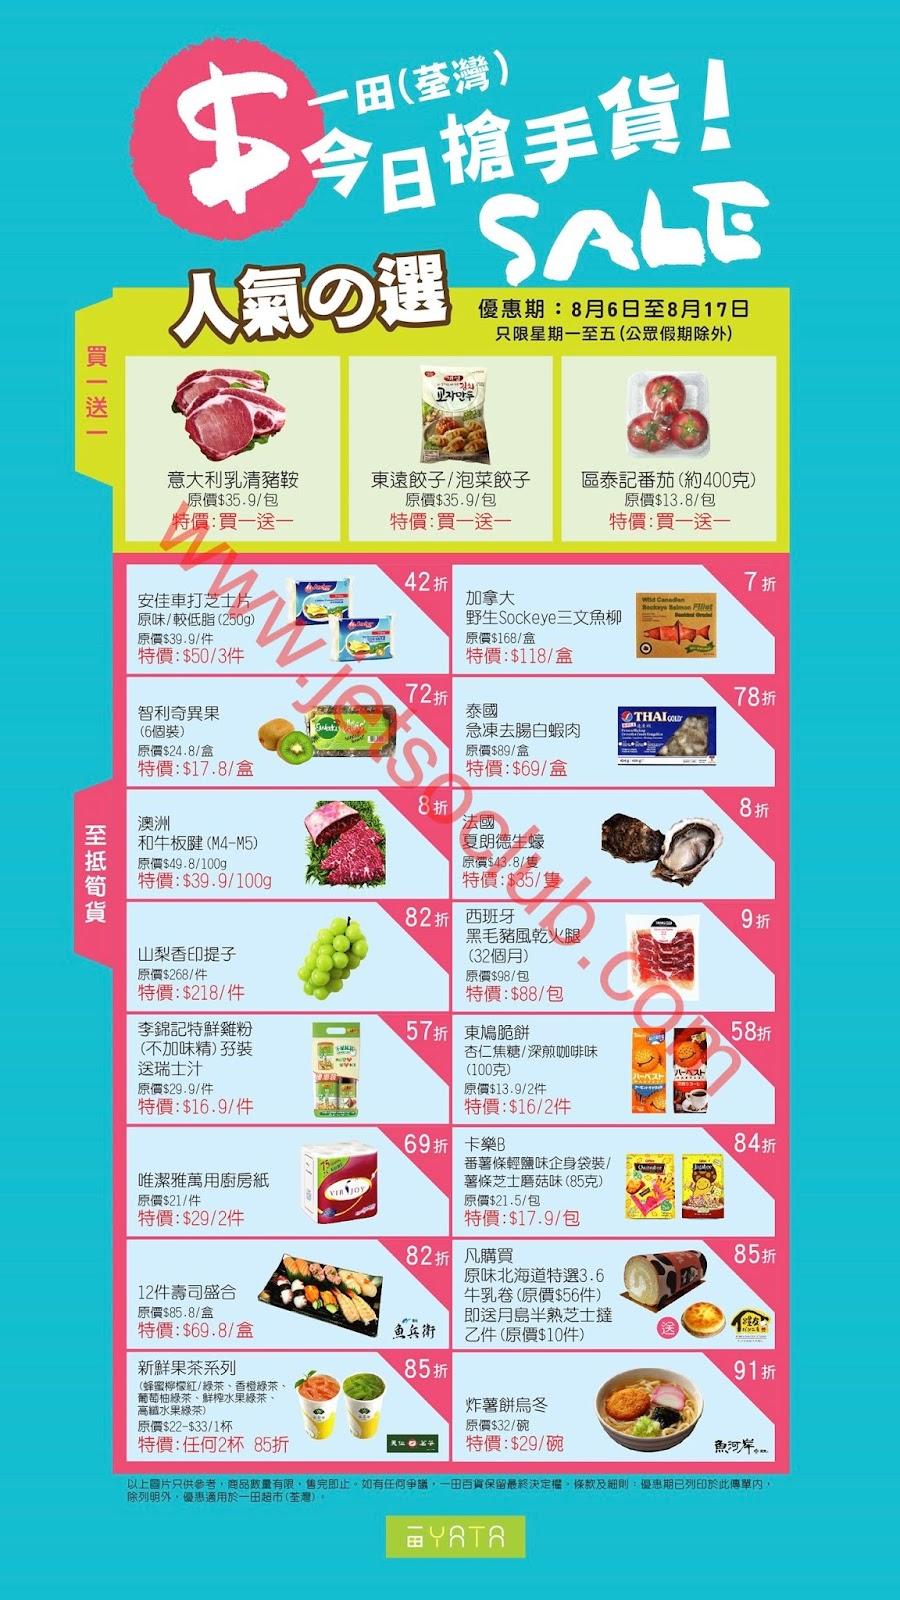 一田超市:荃灣/將軍澳店 今日搶手貨(至17/8) ( Jetso Club 著數俱樂部 )